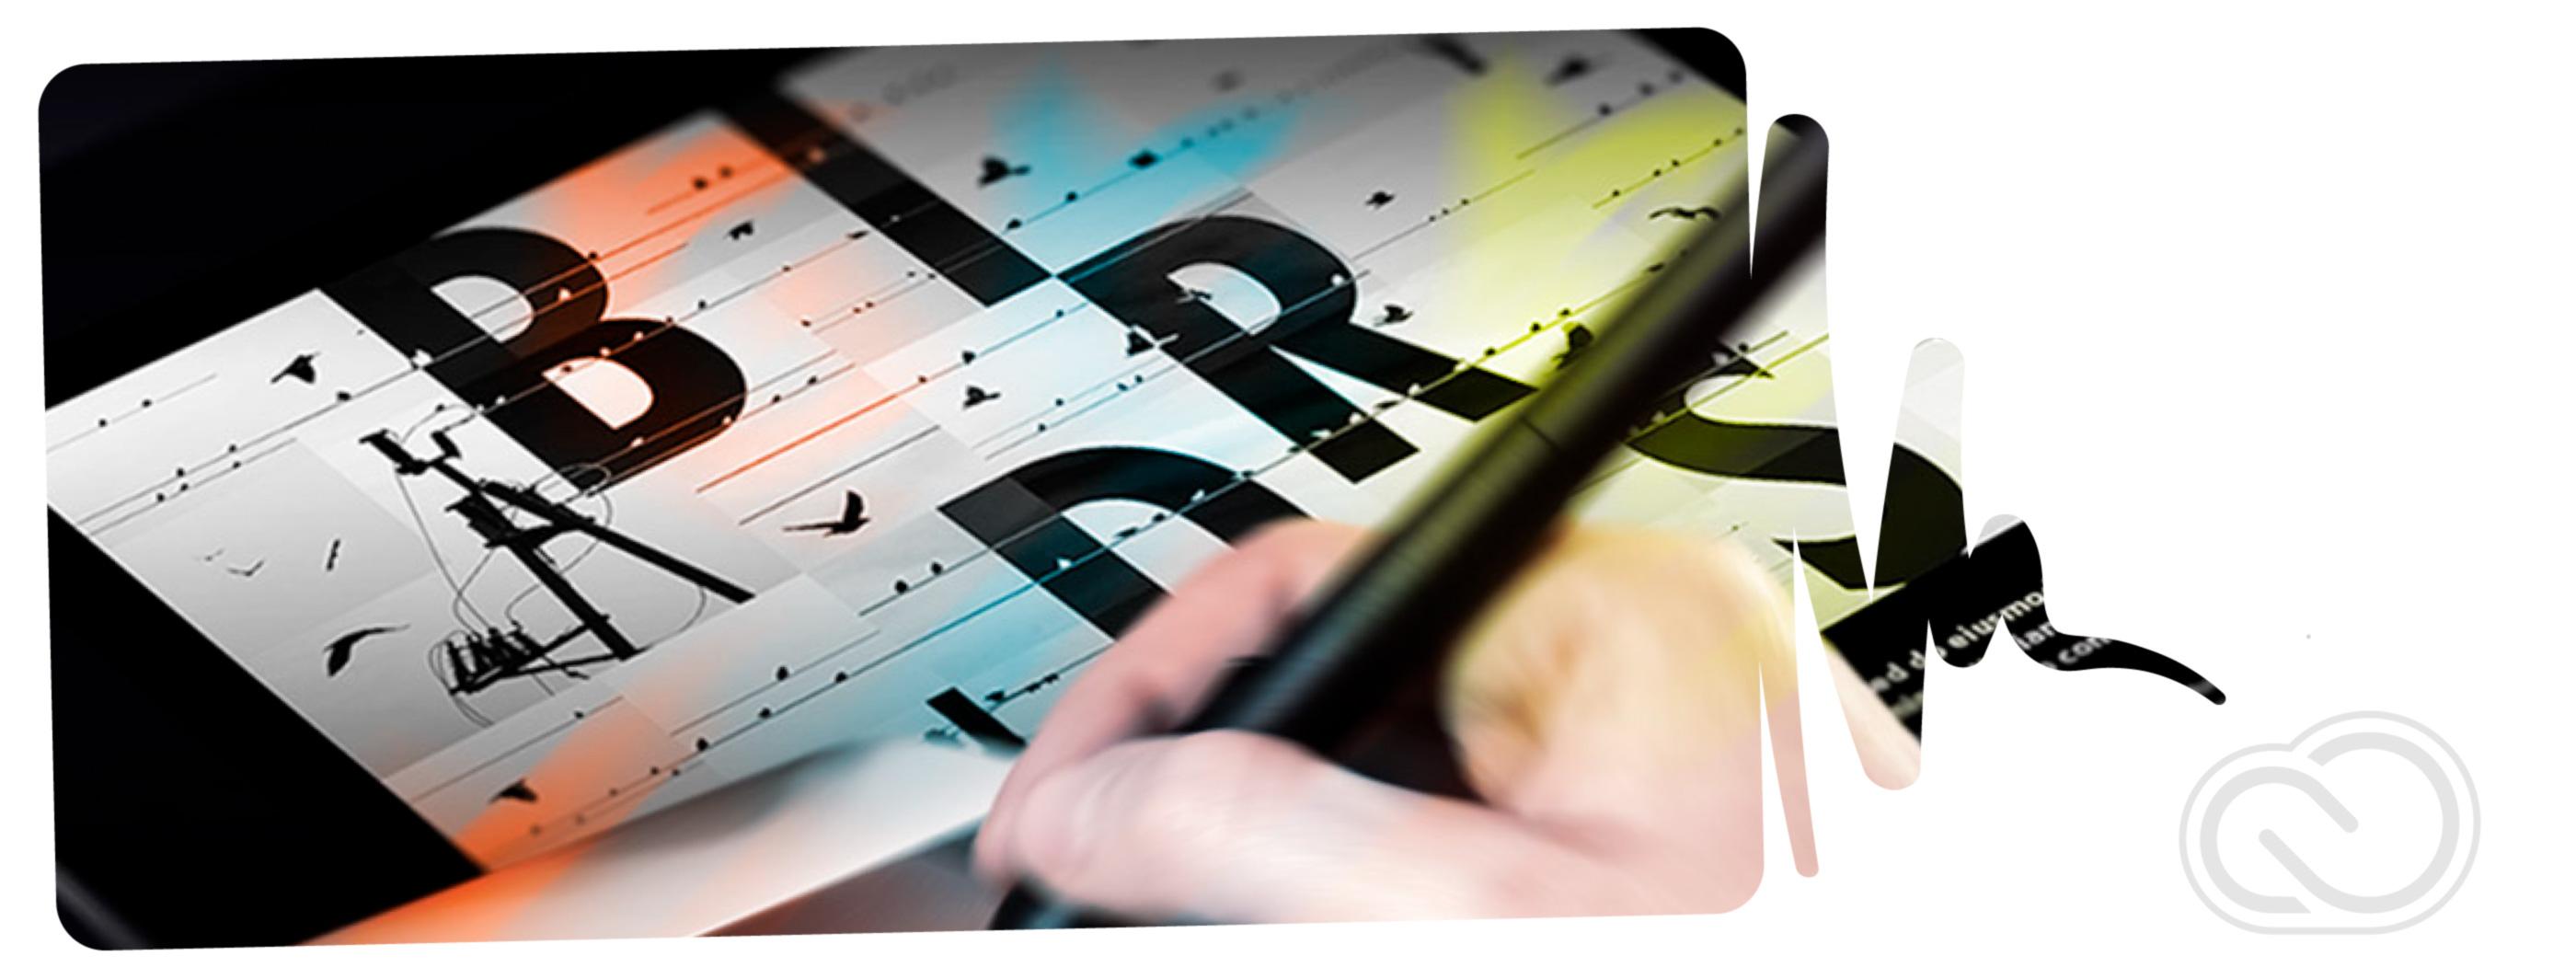 Corsi grafica for Corsi grafica pubblicitaria milano